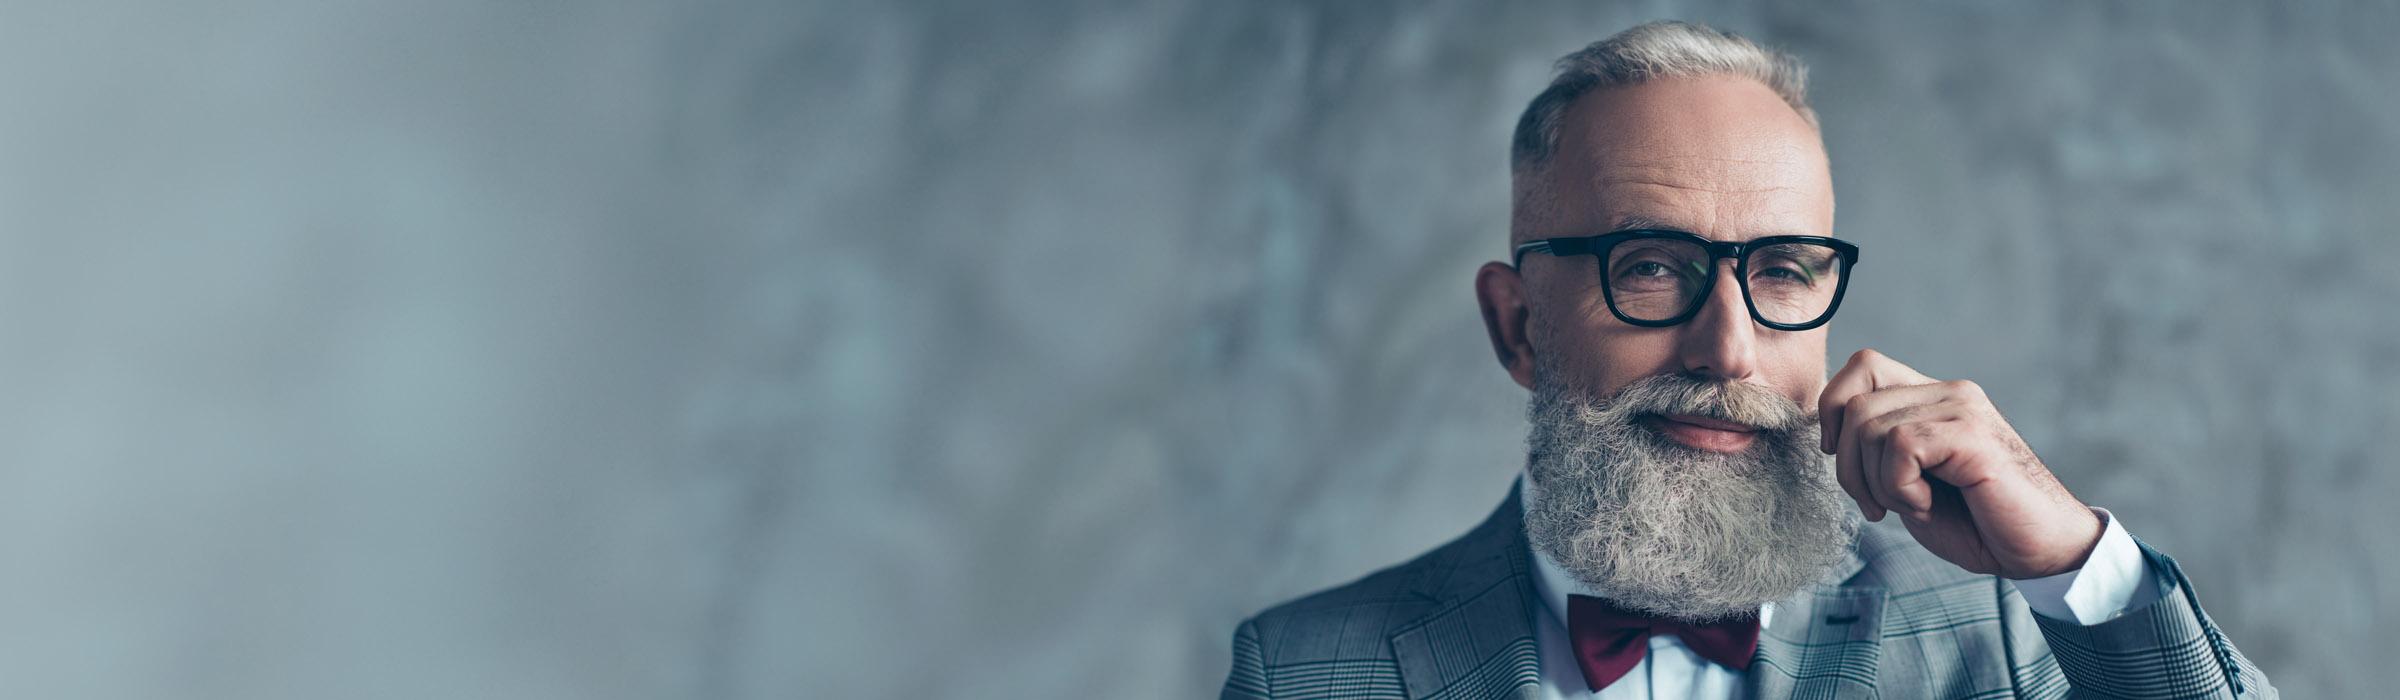 Älterer Mann mit Bart und Brille